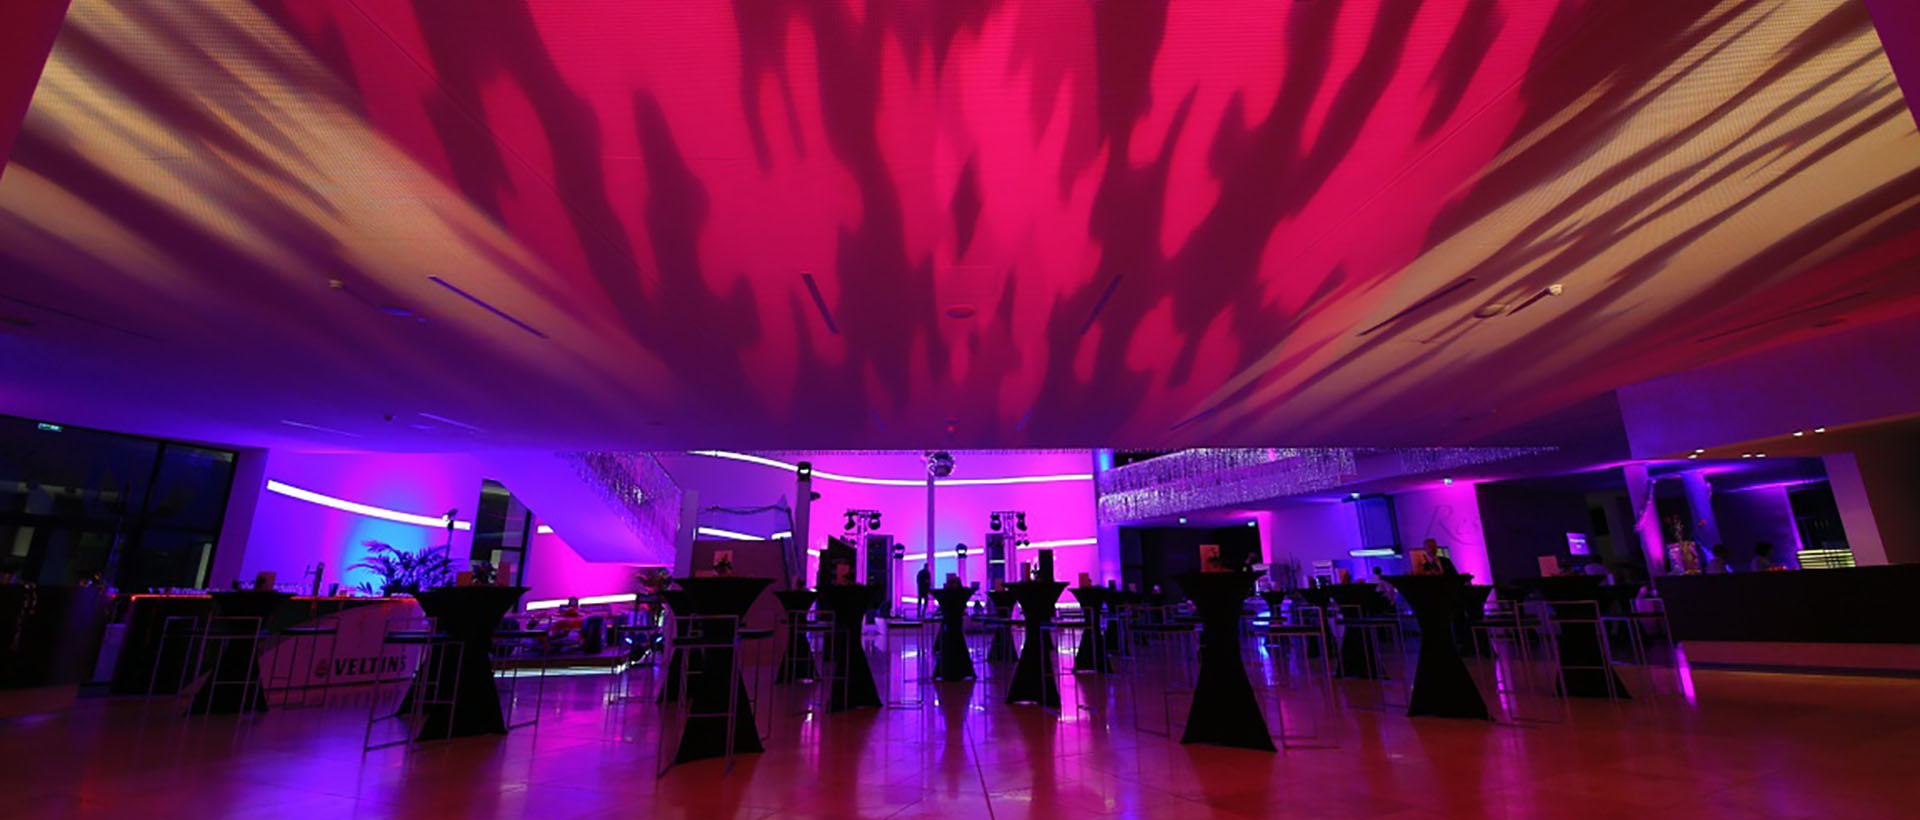 Feiern Sie Die Große Glamour Silvesterparty Im Congresszentrum Marburg!